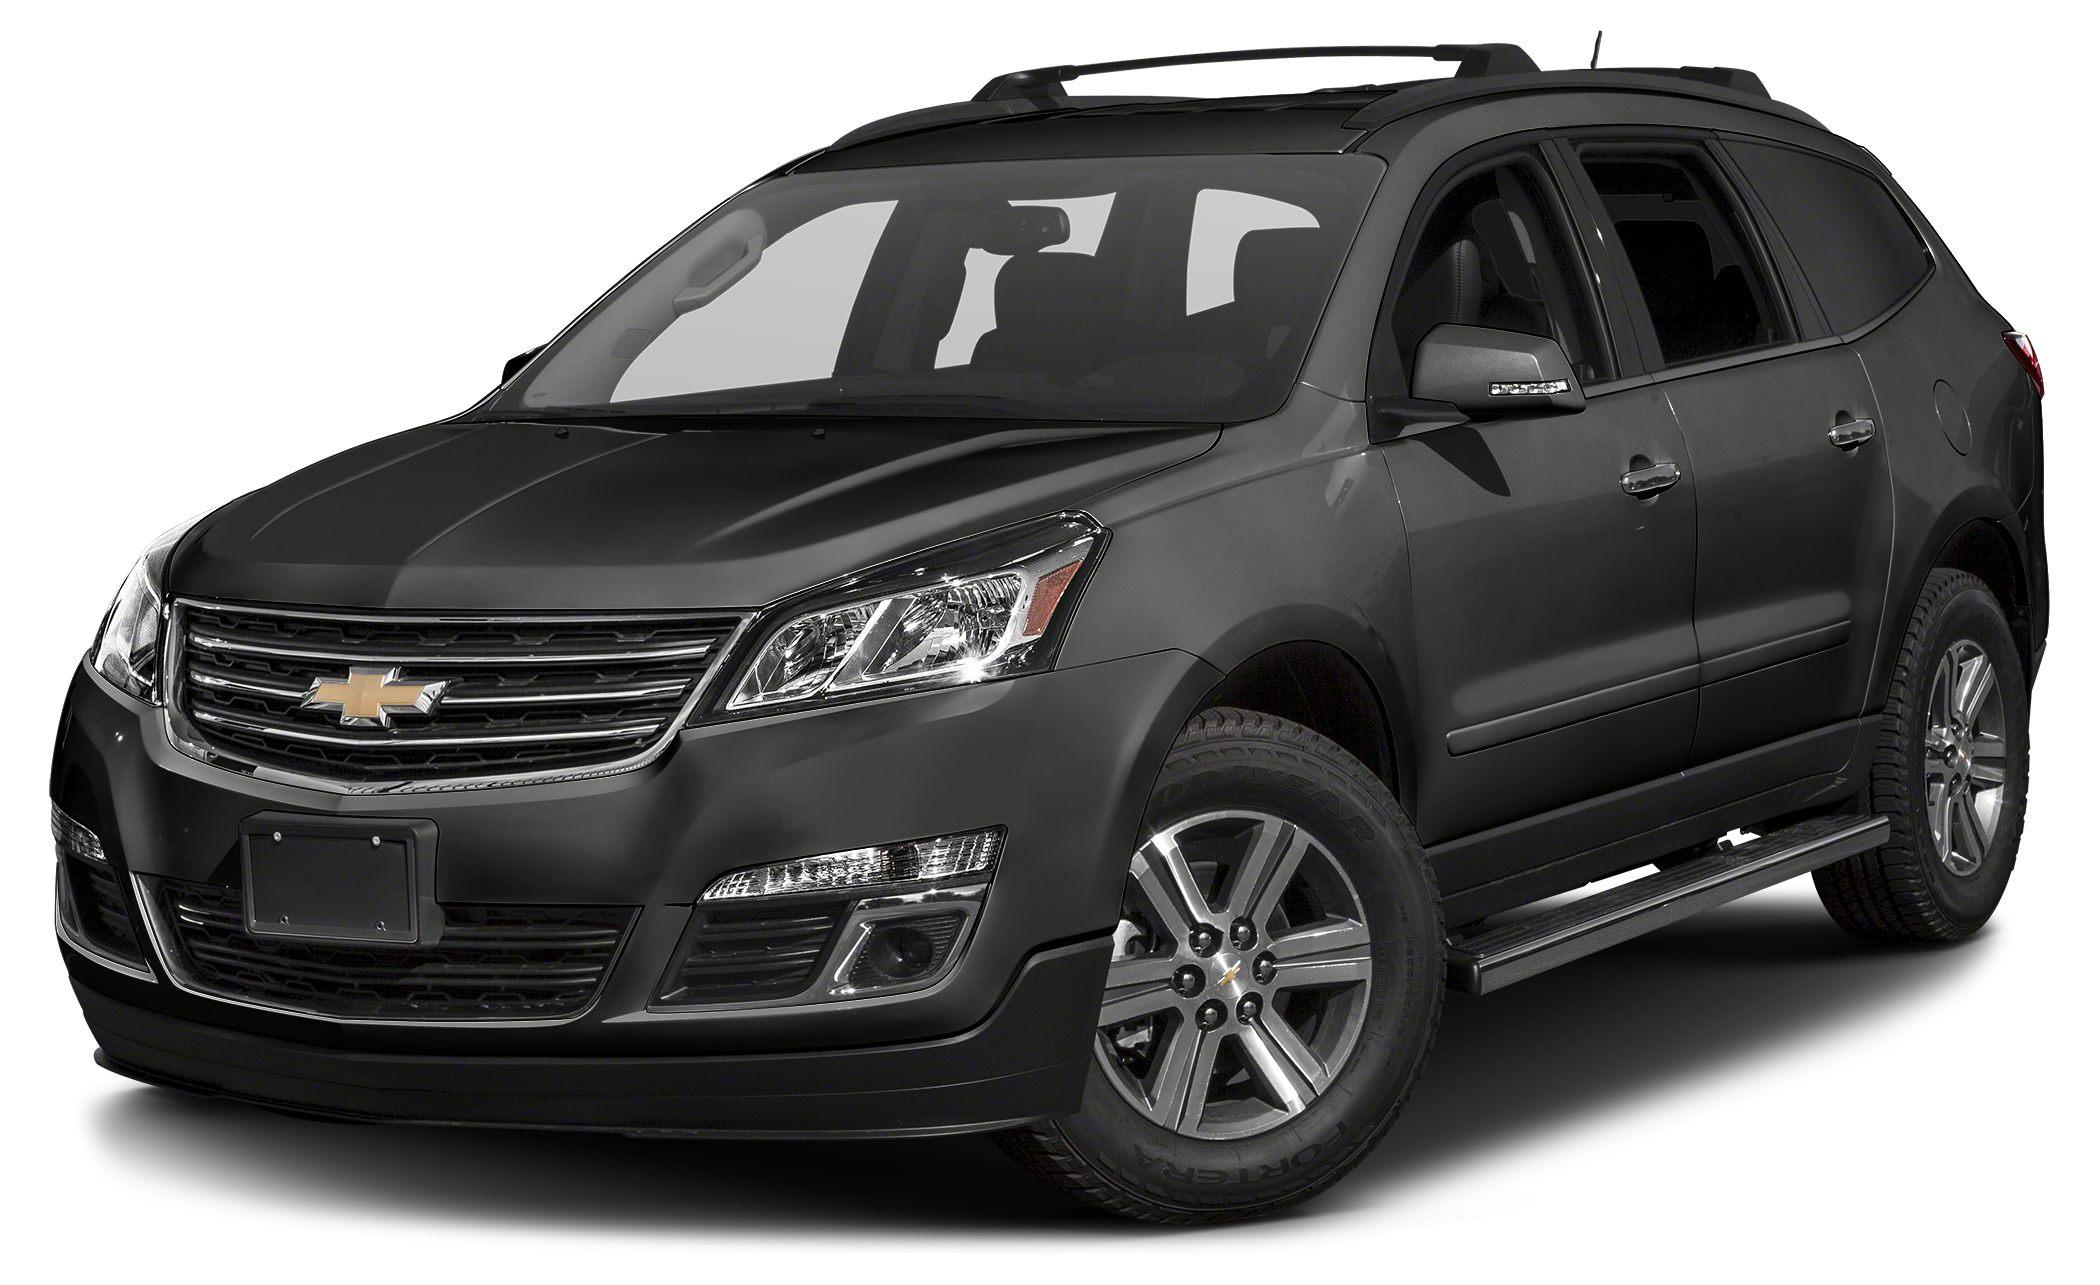 2016 Chevrolet Traverse LT w2LT Miles 16673Color Gray Stock P6998 VIN 1GNKRHKD9GJ125488